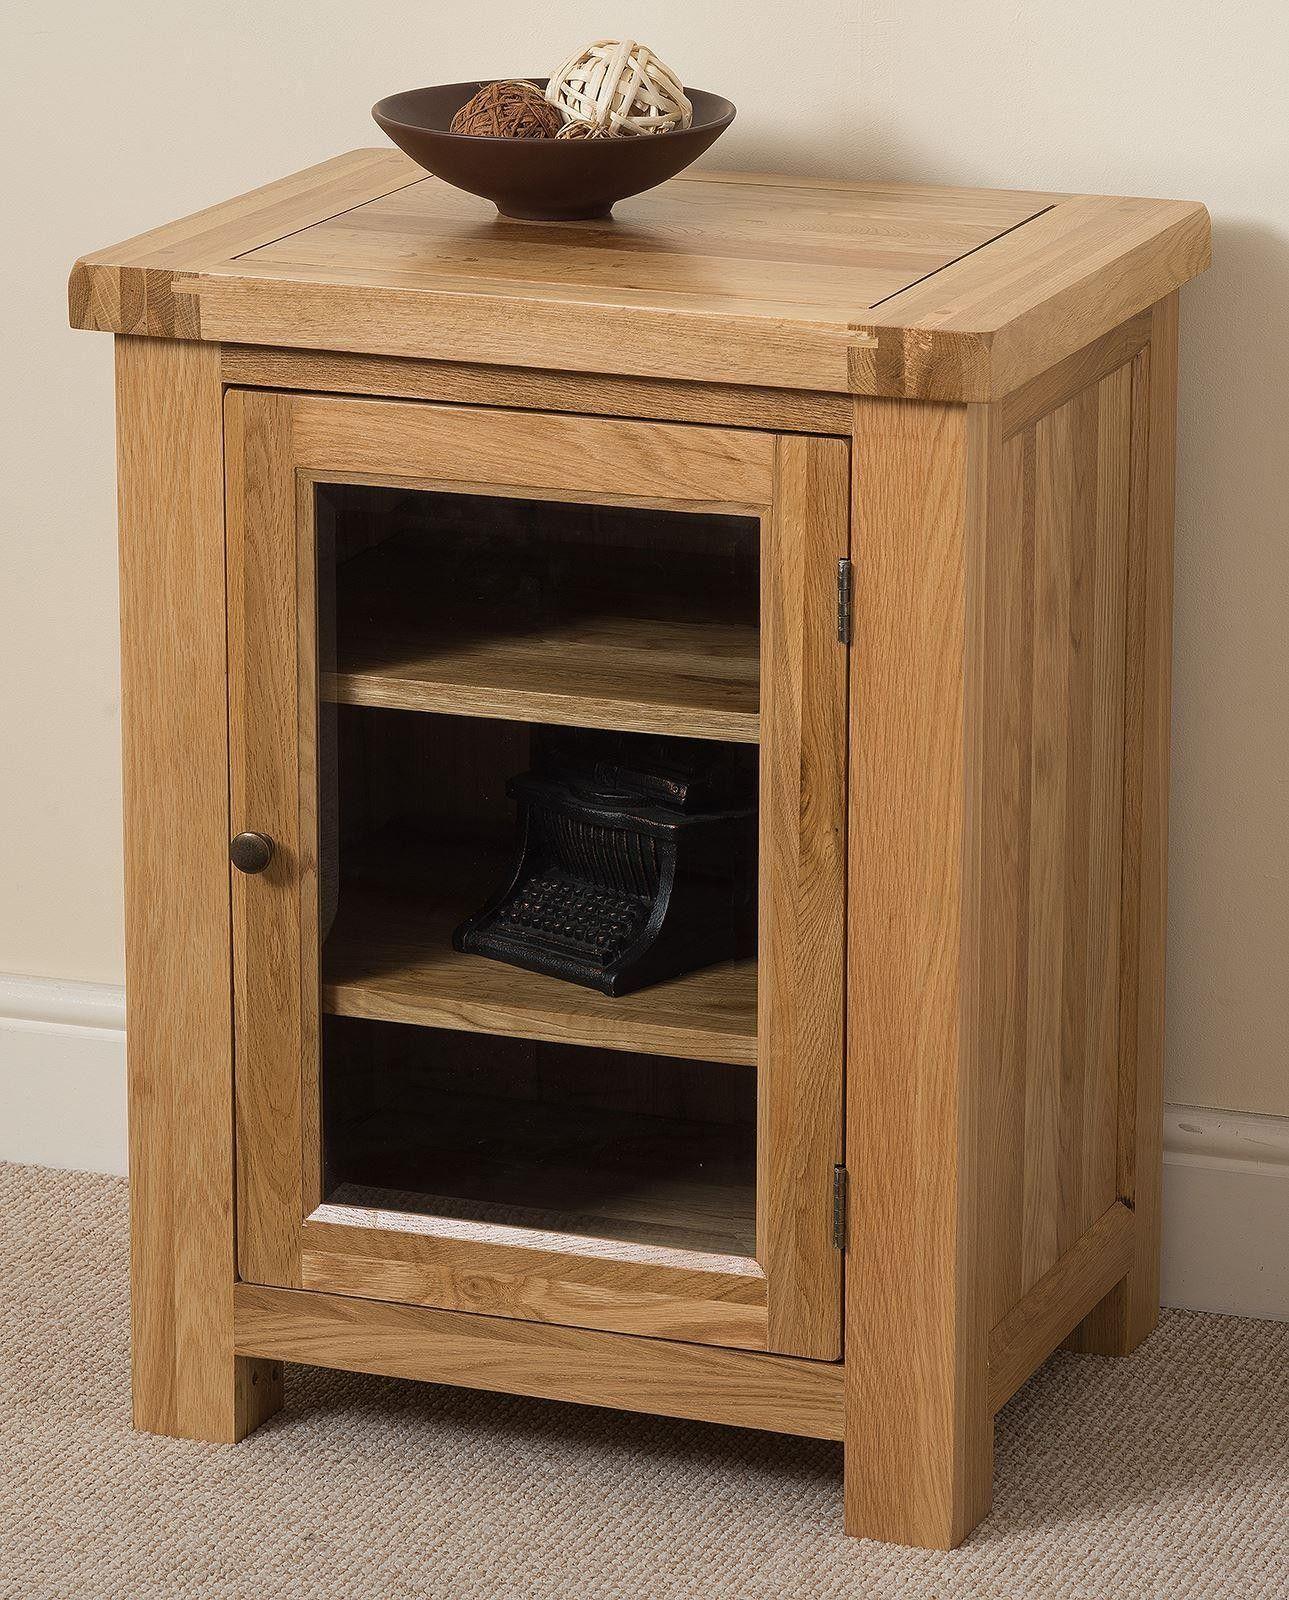 Cottage Light Solid Oak HI-FI and Media Storage Cabinet This Hi Fi cabinet is & Cottage Light Solid Oak HI-FI and Media Storage Cabinet This Hi Fi ...